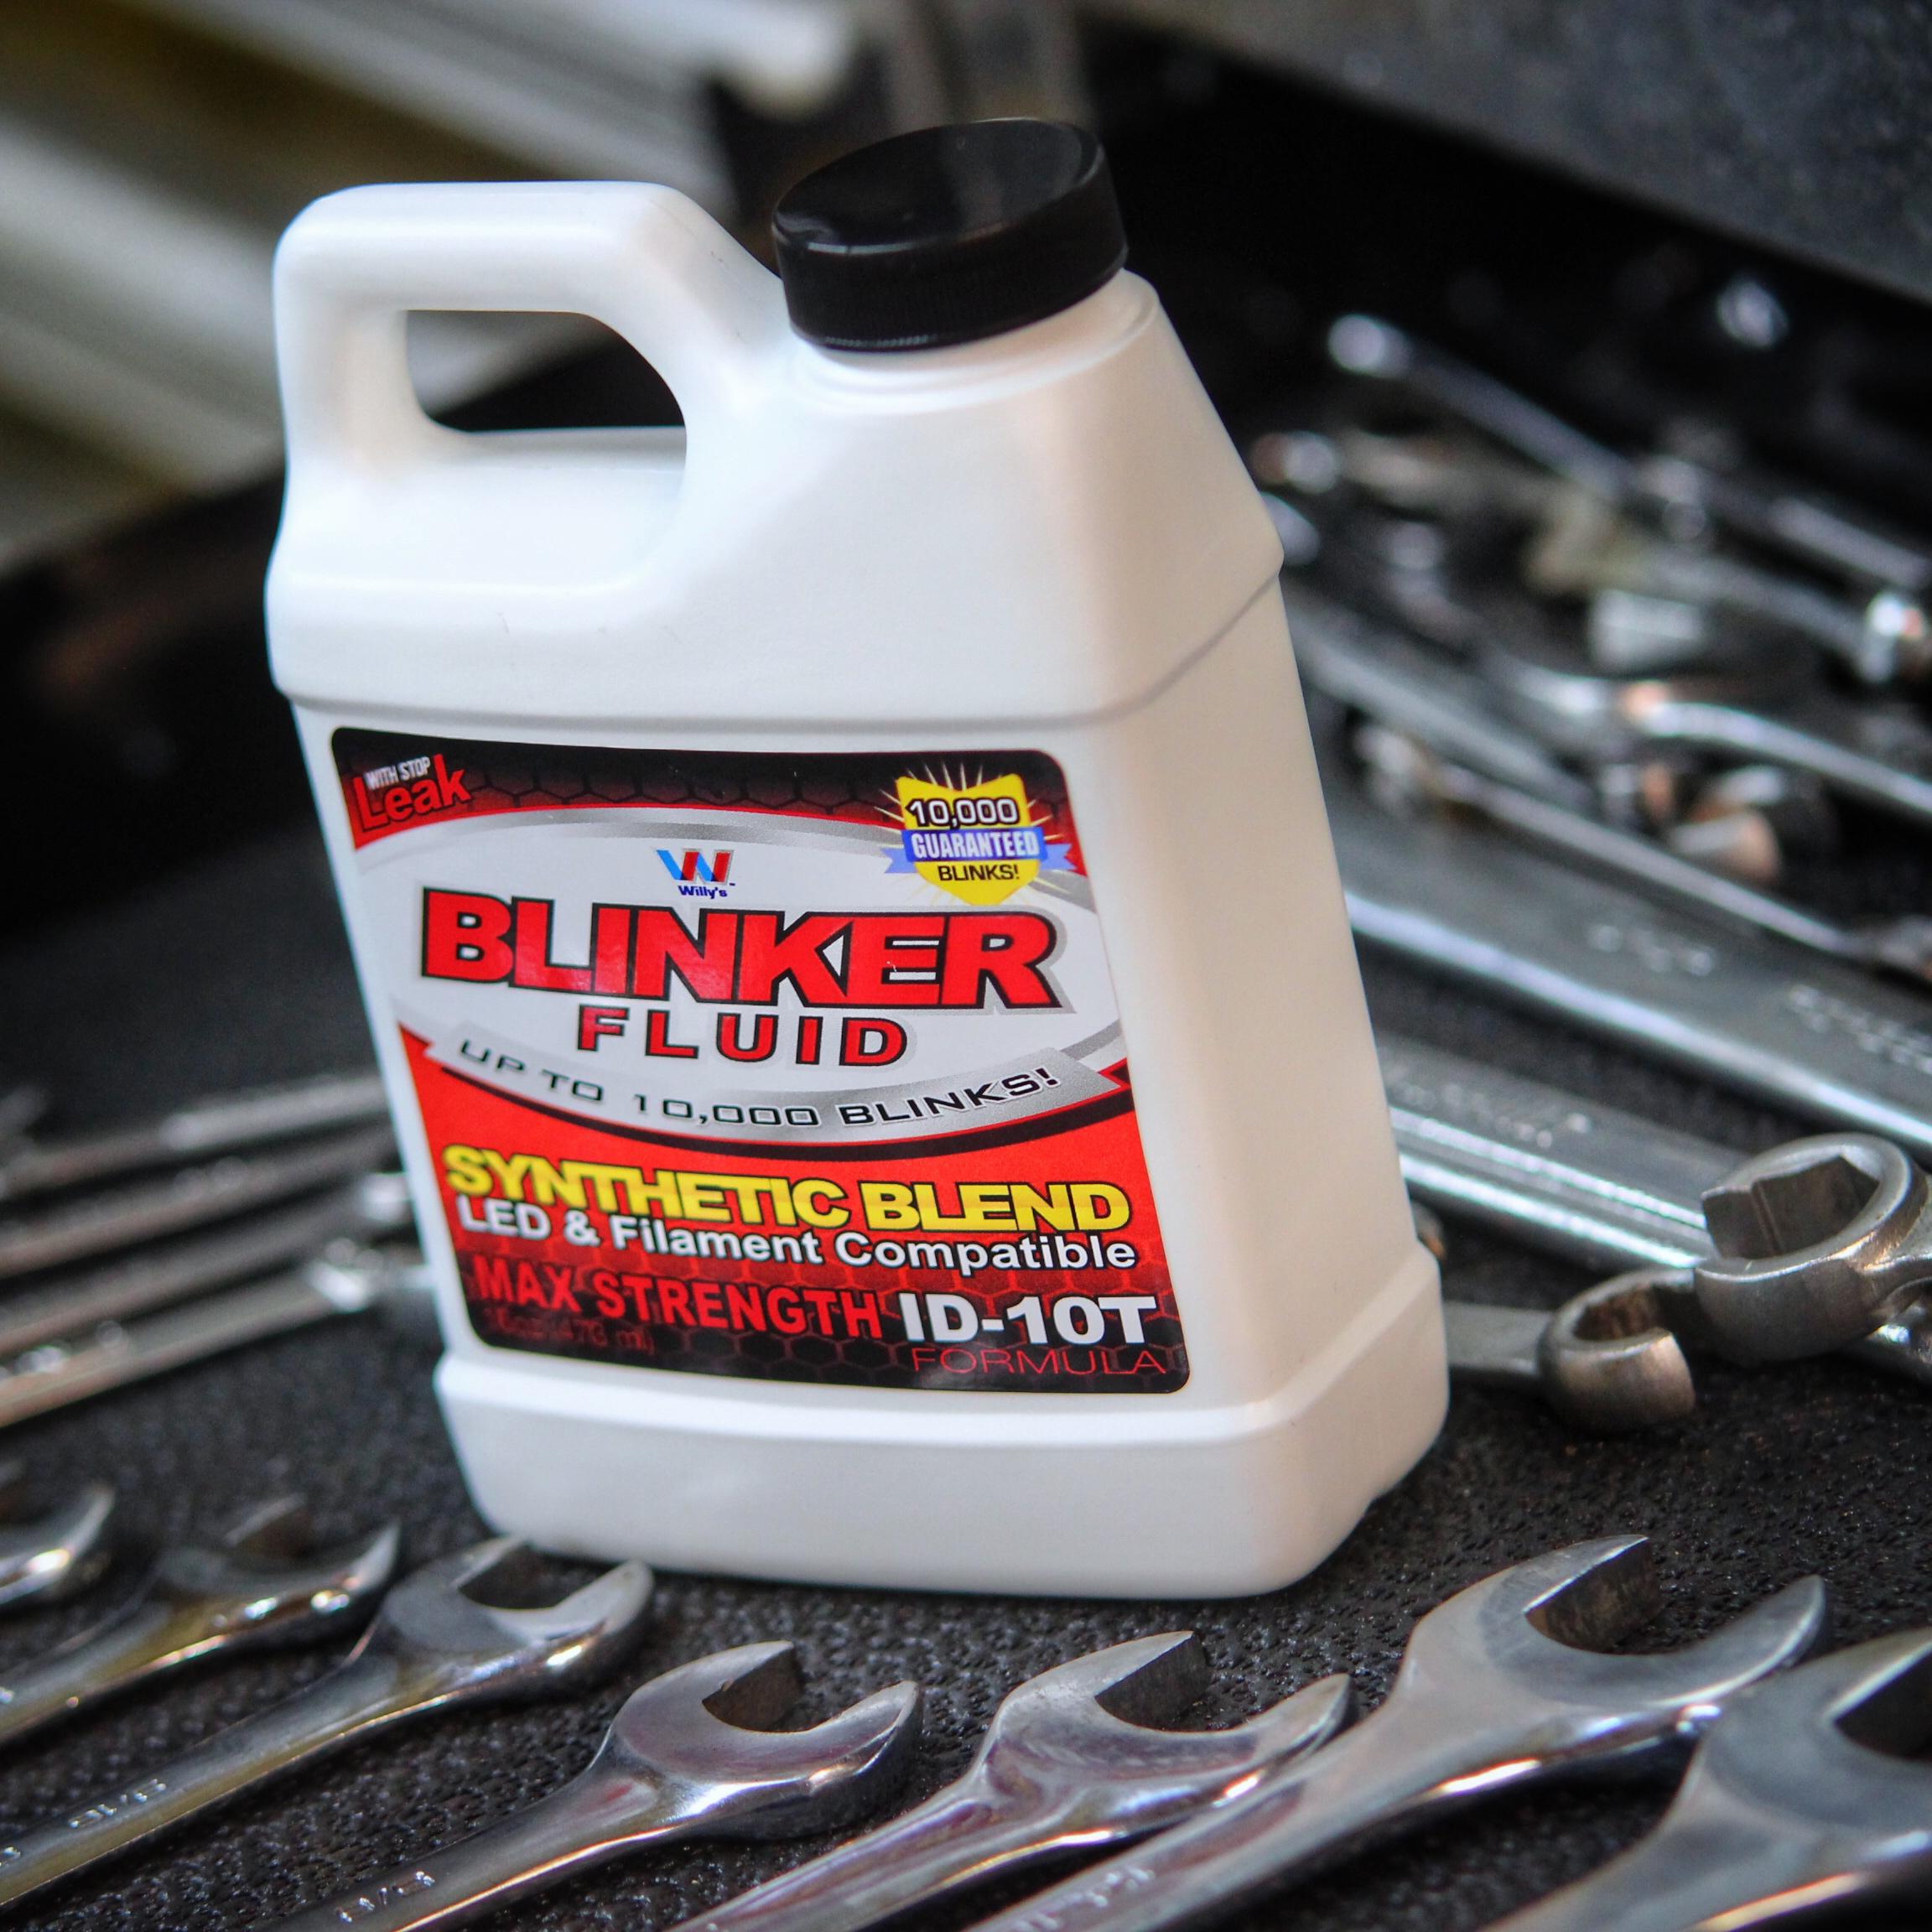 blinker-fluid-tools.jpg